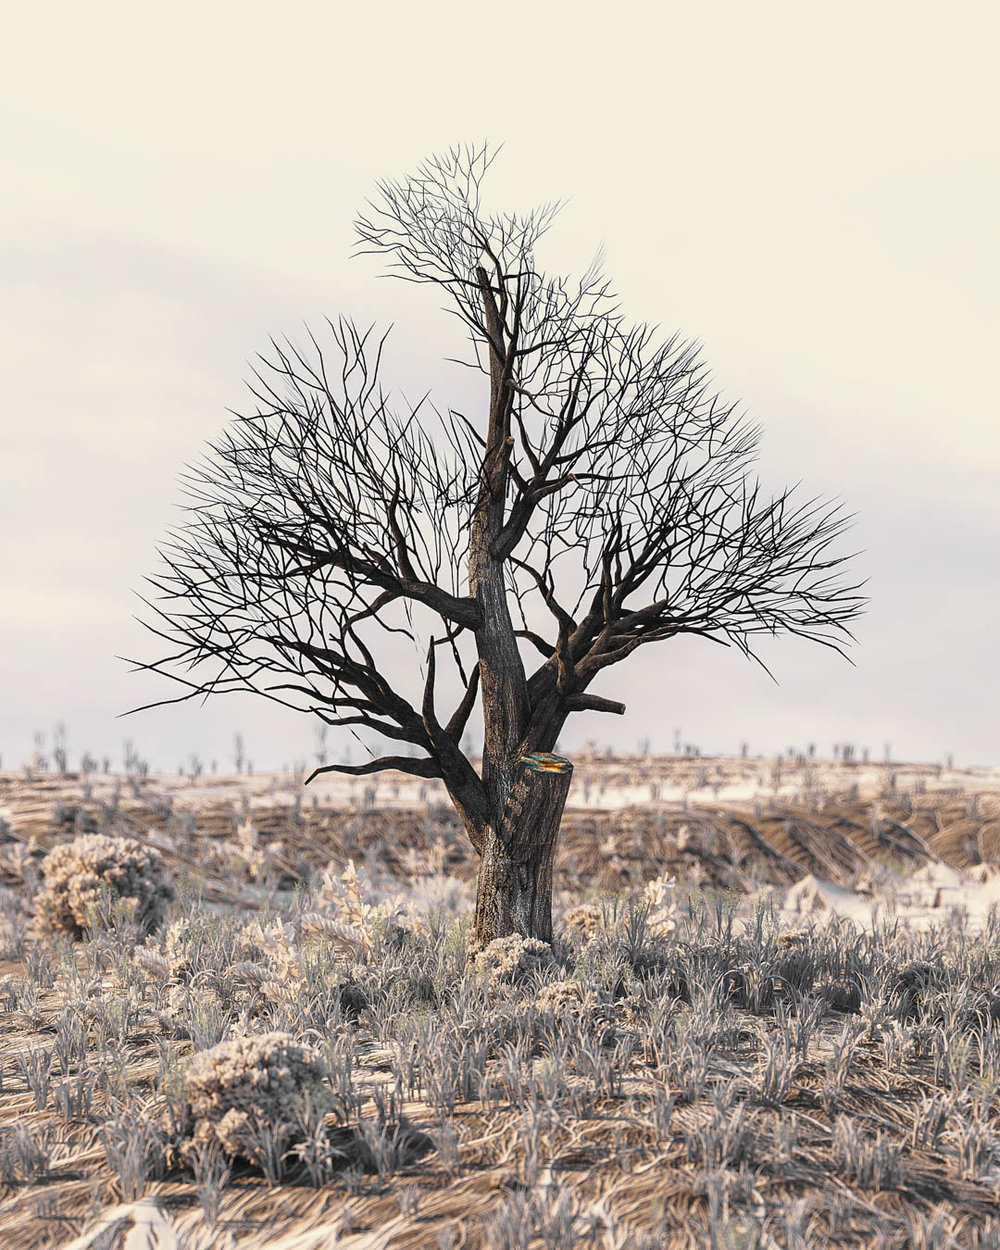 [02-02-18] - Frost.jpg